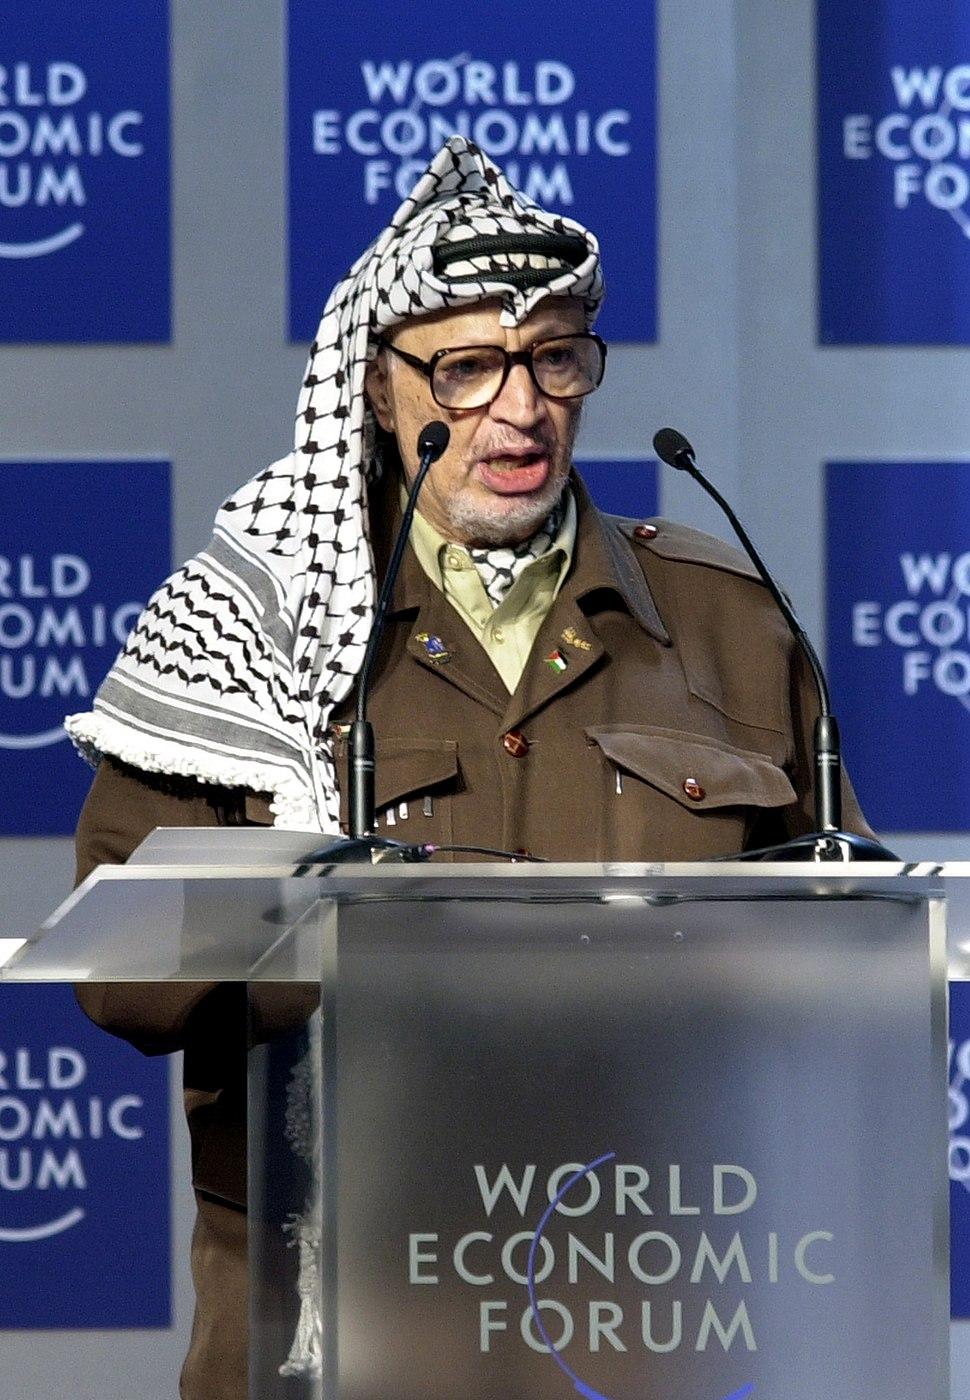 Jaser Arafat